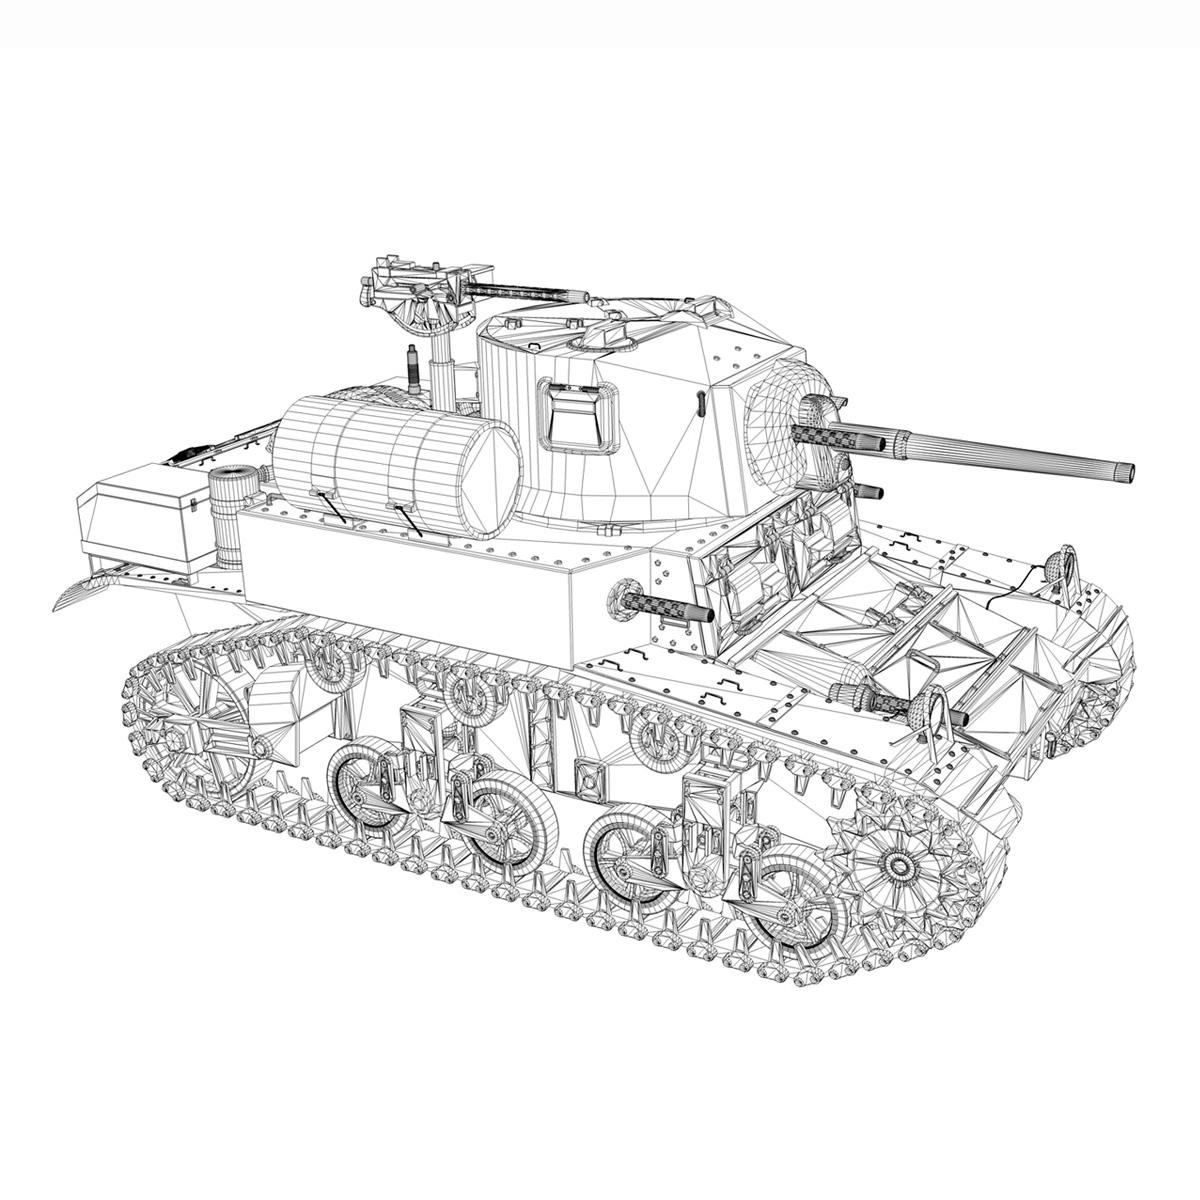 m3a1 light tank stuart – tiger 3d model 3ds c4d fbx lwo lw lws obj 265643